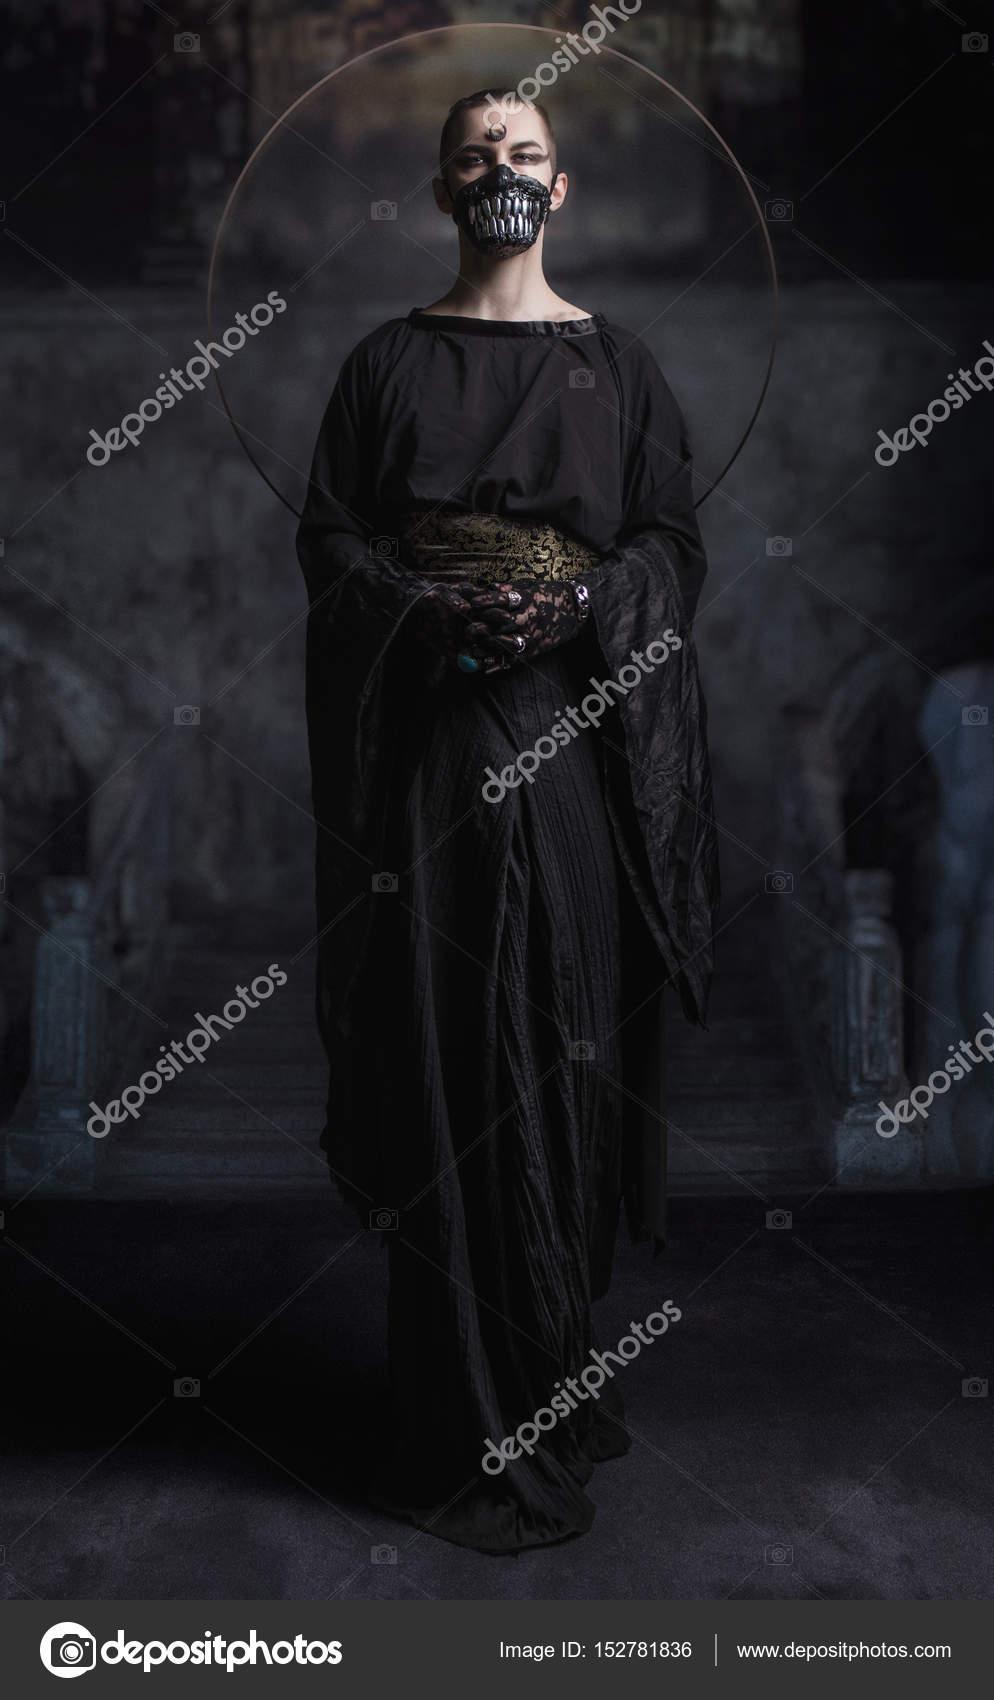 Человек в темной одежде — Стоковое фото © FlexDreams ...